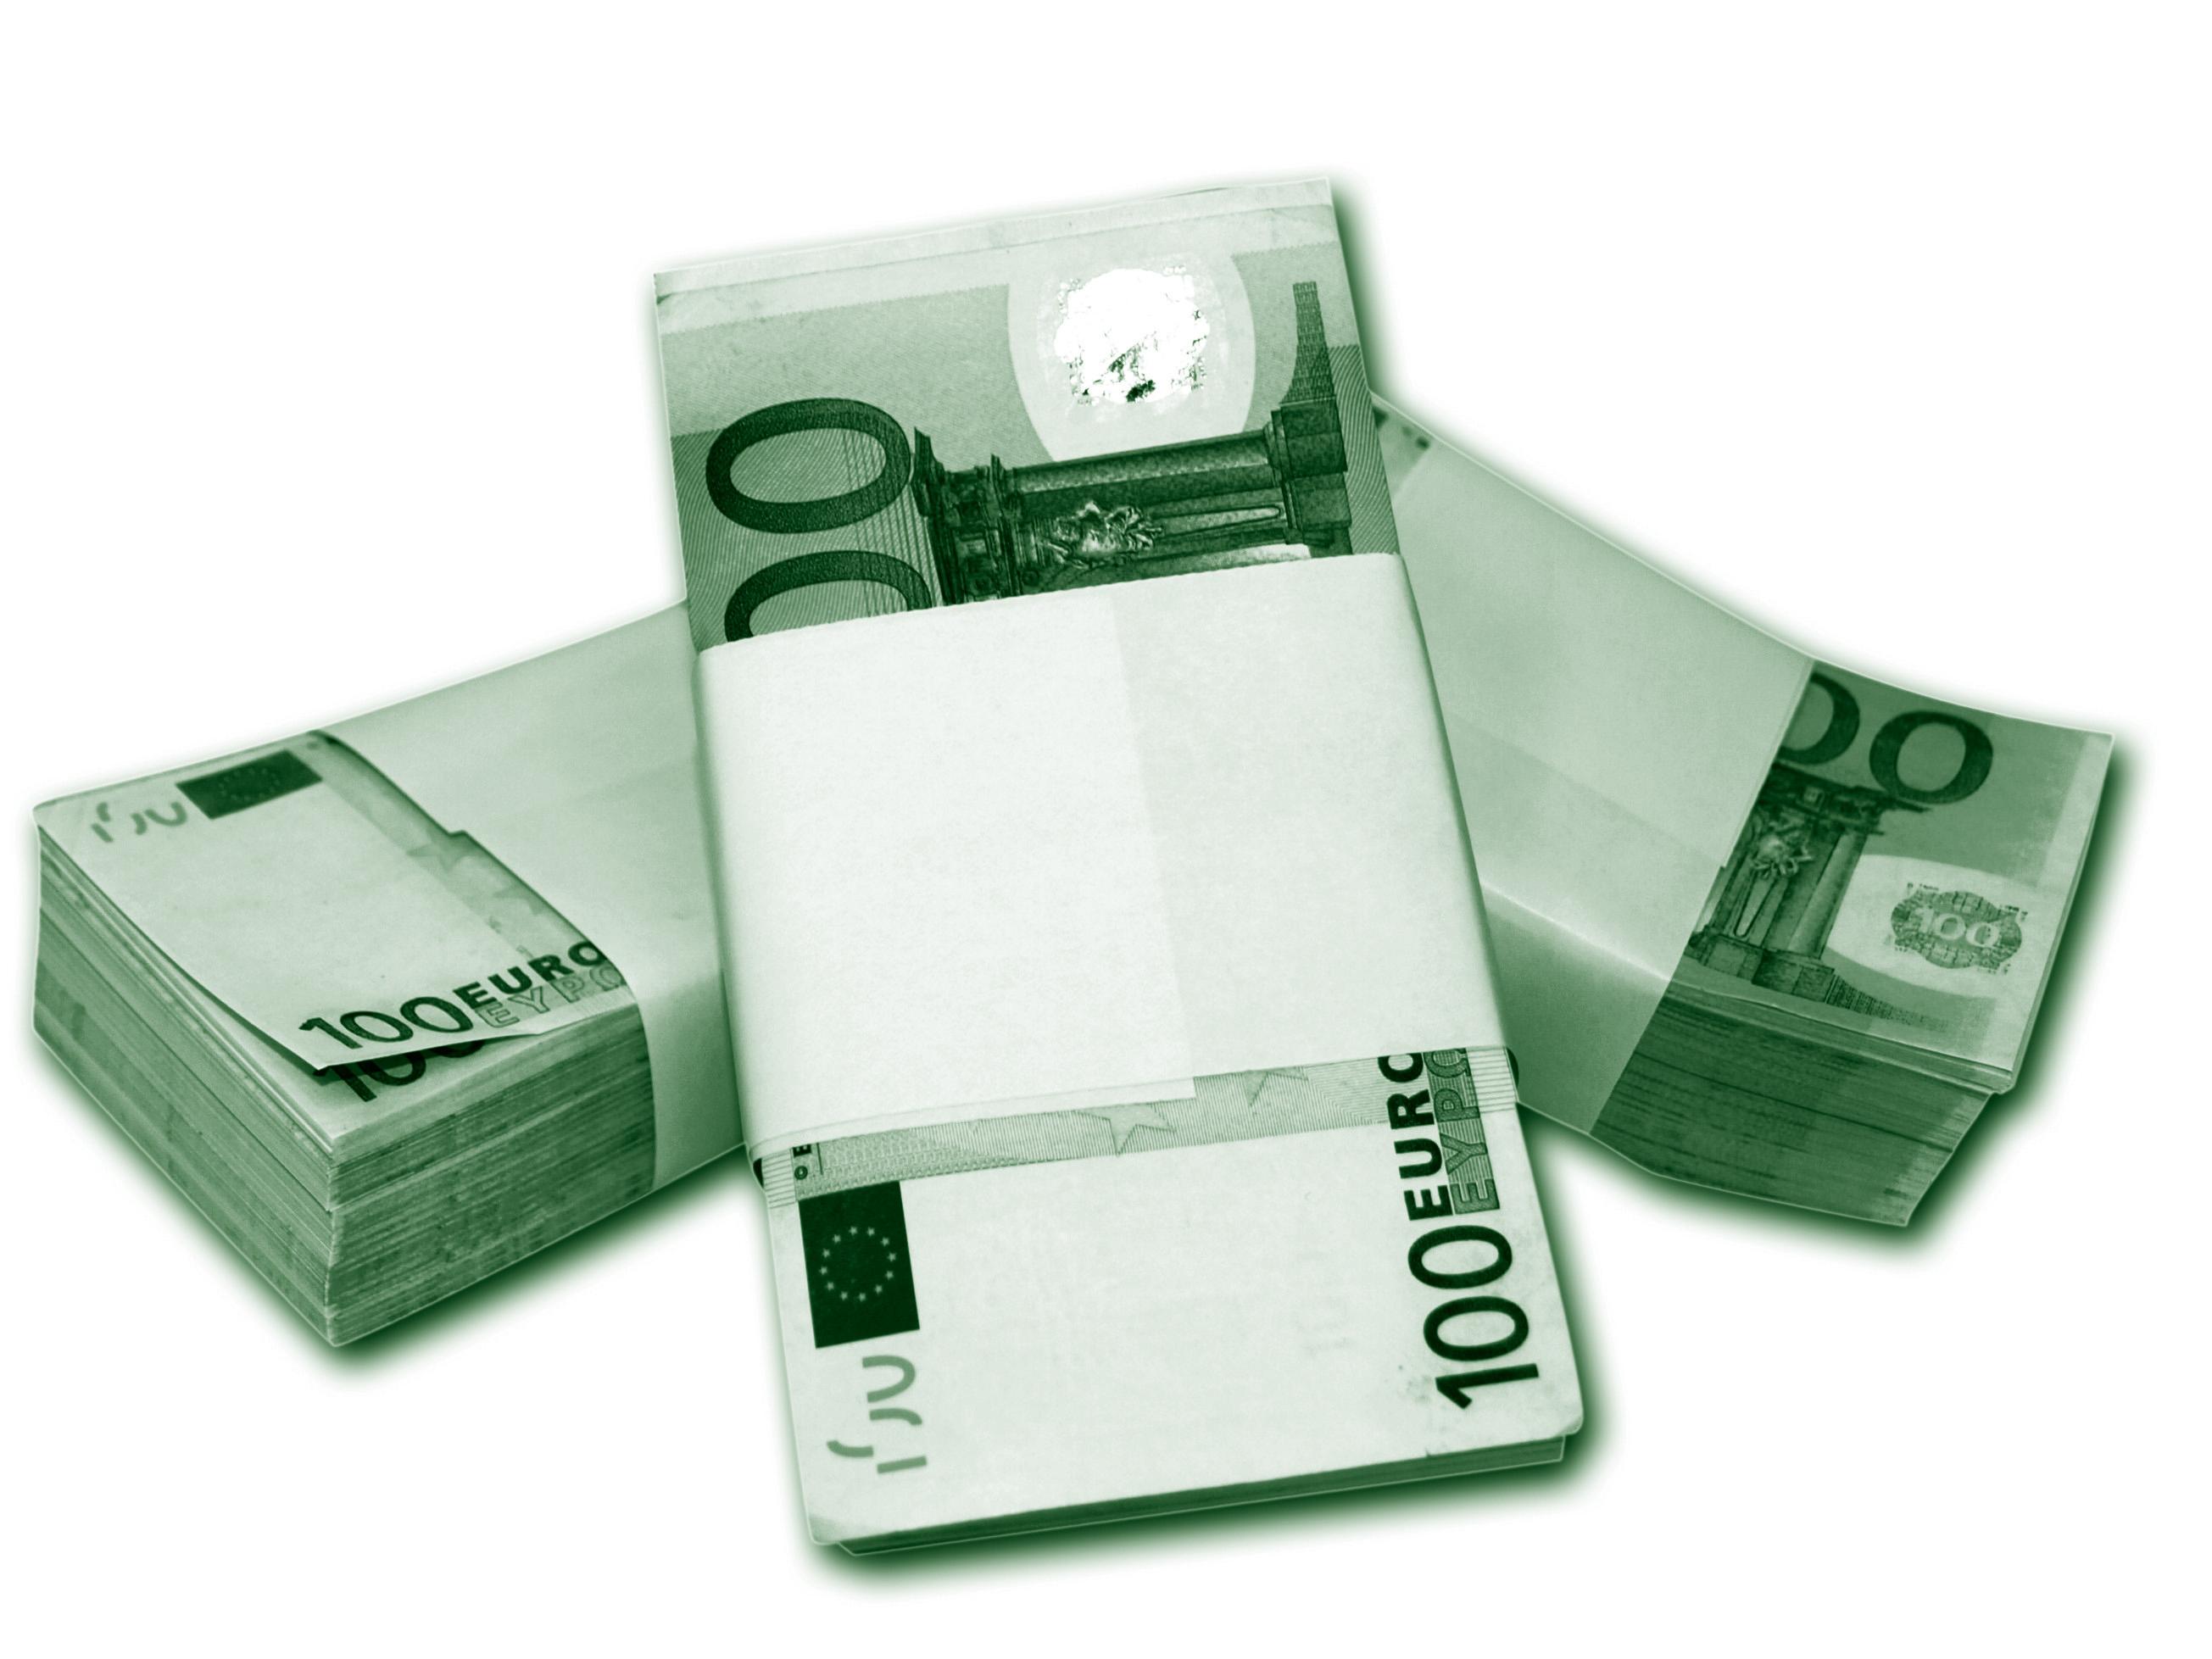 Félmillió eurót viszonylag könnyű szerezni. (fotó: freeimages.com)